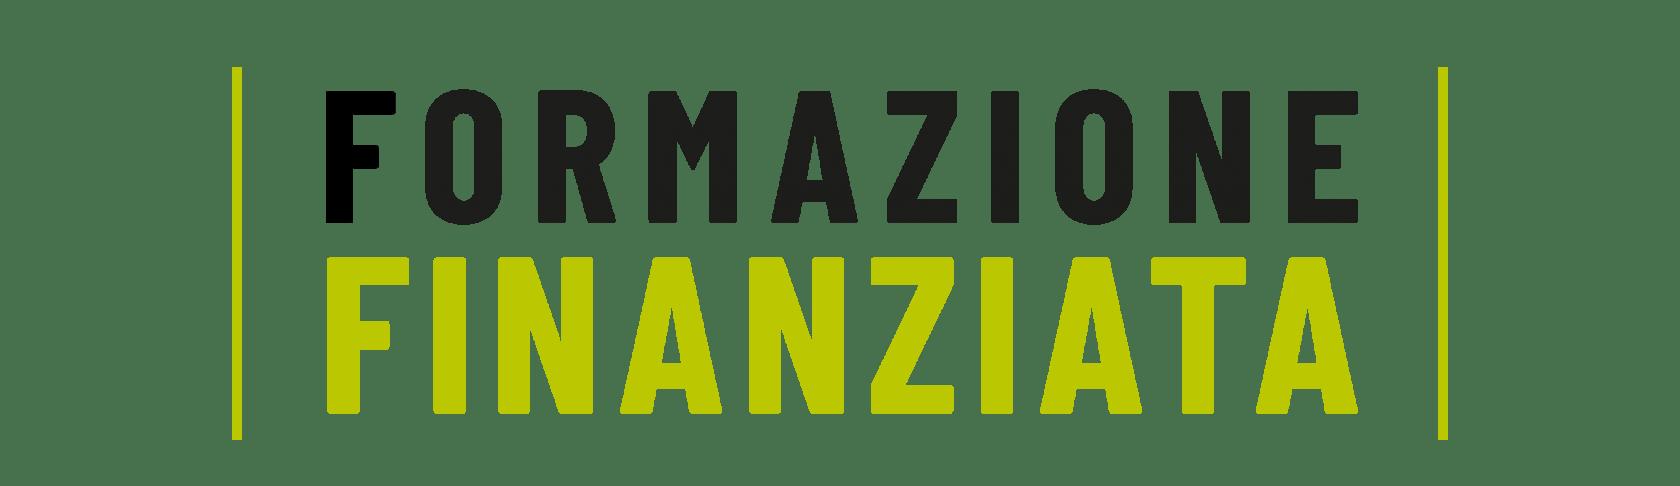 Header_FormazioneFinanziata